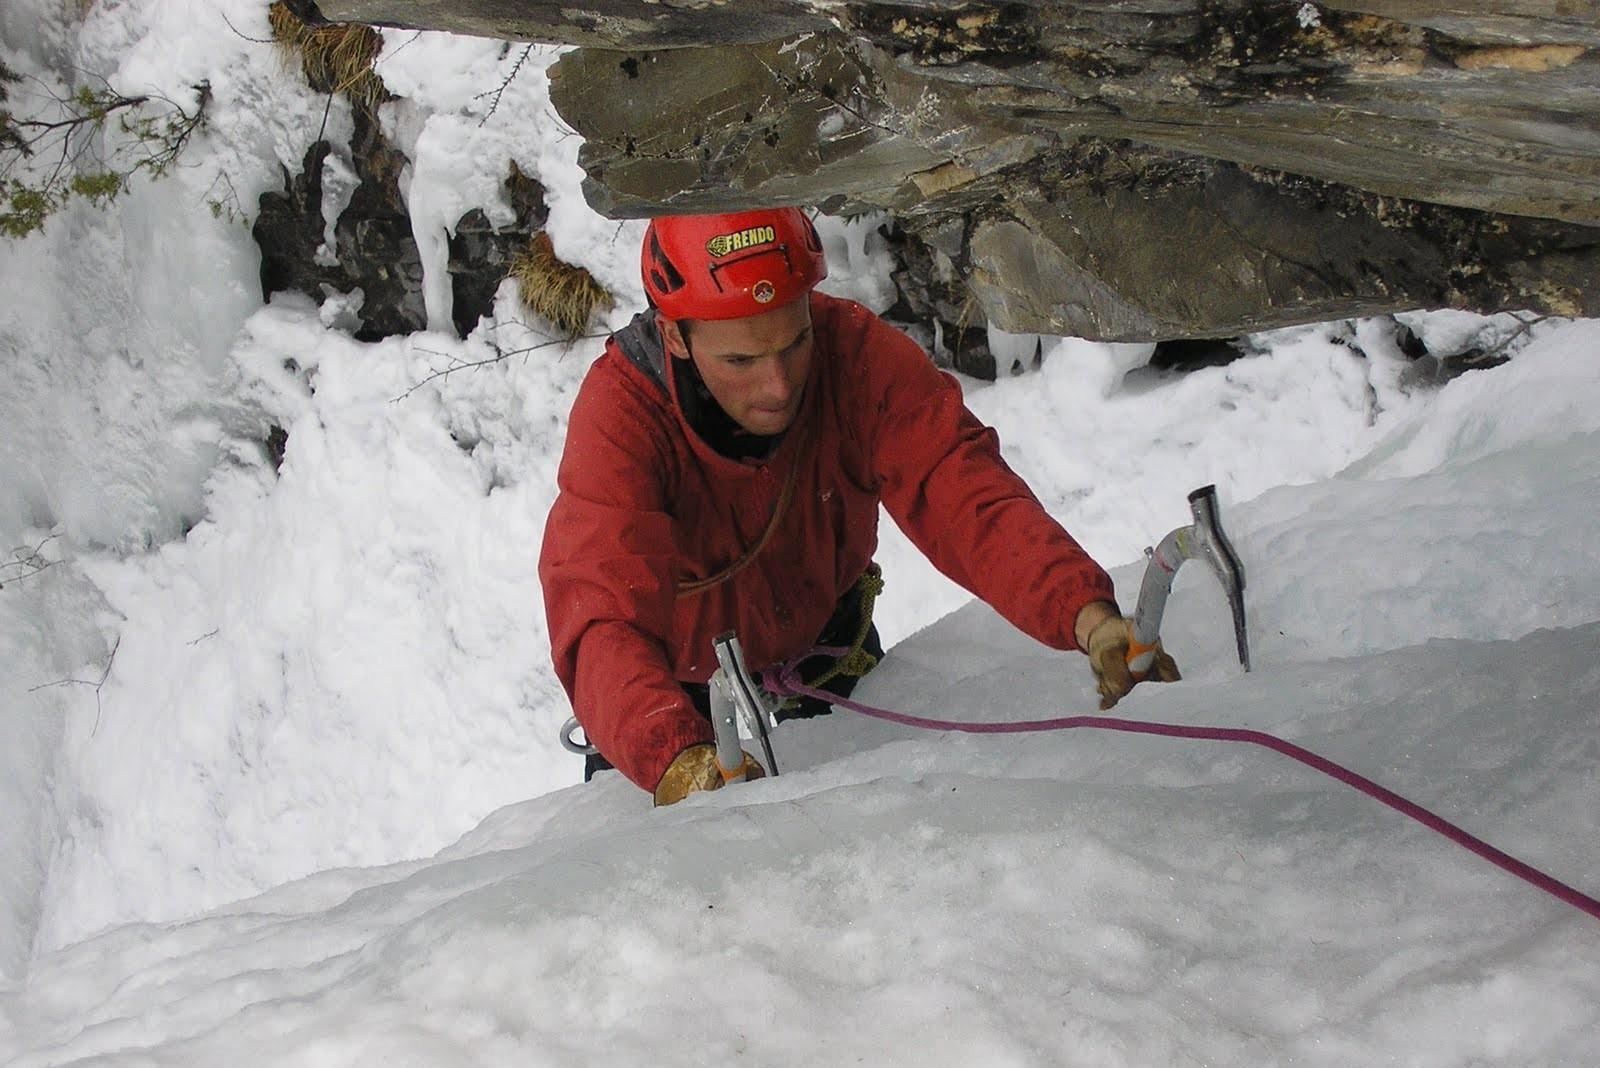 Client qui grimpe un cascade de glace à Ceillac durant une journée cascade de glace Hautes Alpes perfectionneme encadré par un guide de montagne